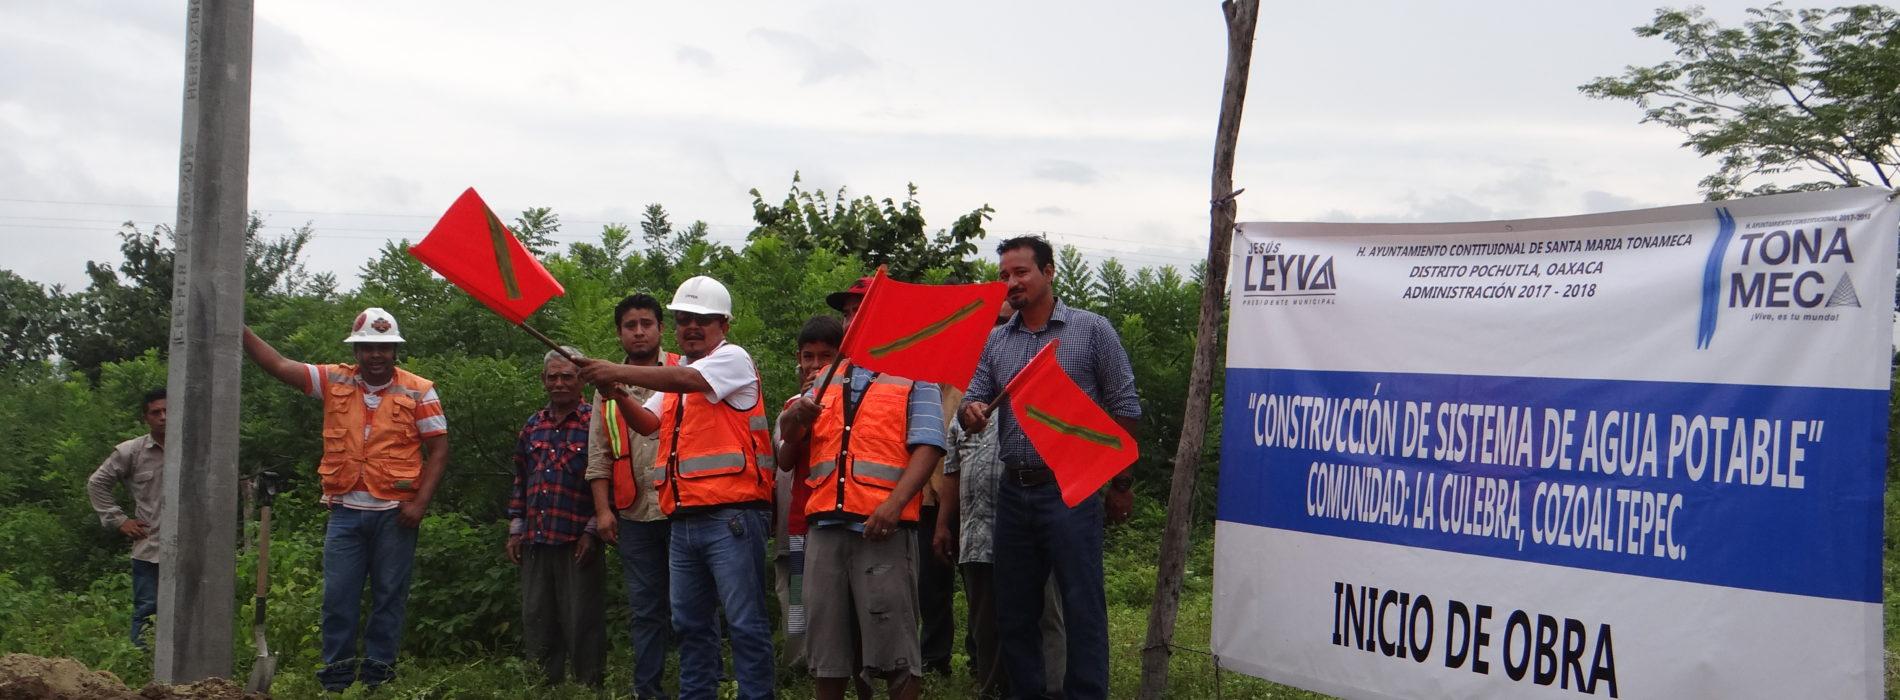 INICIO DE OBRA EN LA CULEBRA COZOALTEPEC , SANTA MARÍA TONAMECA